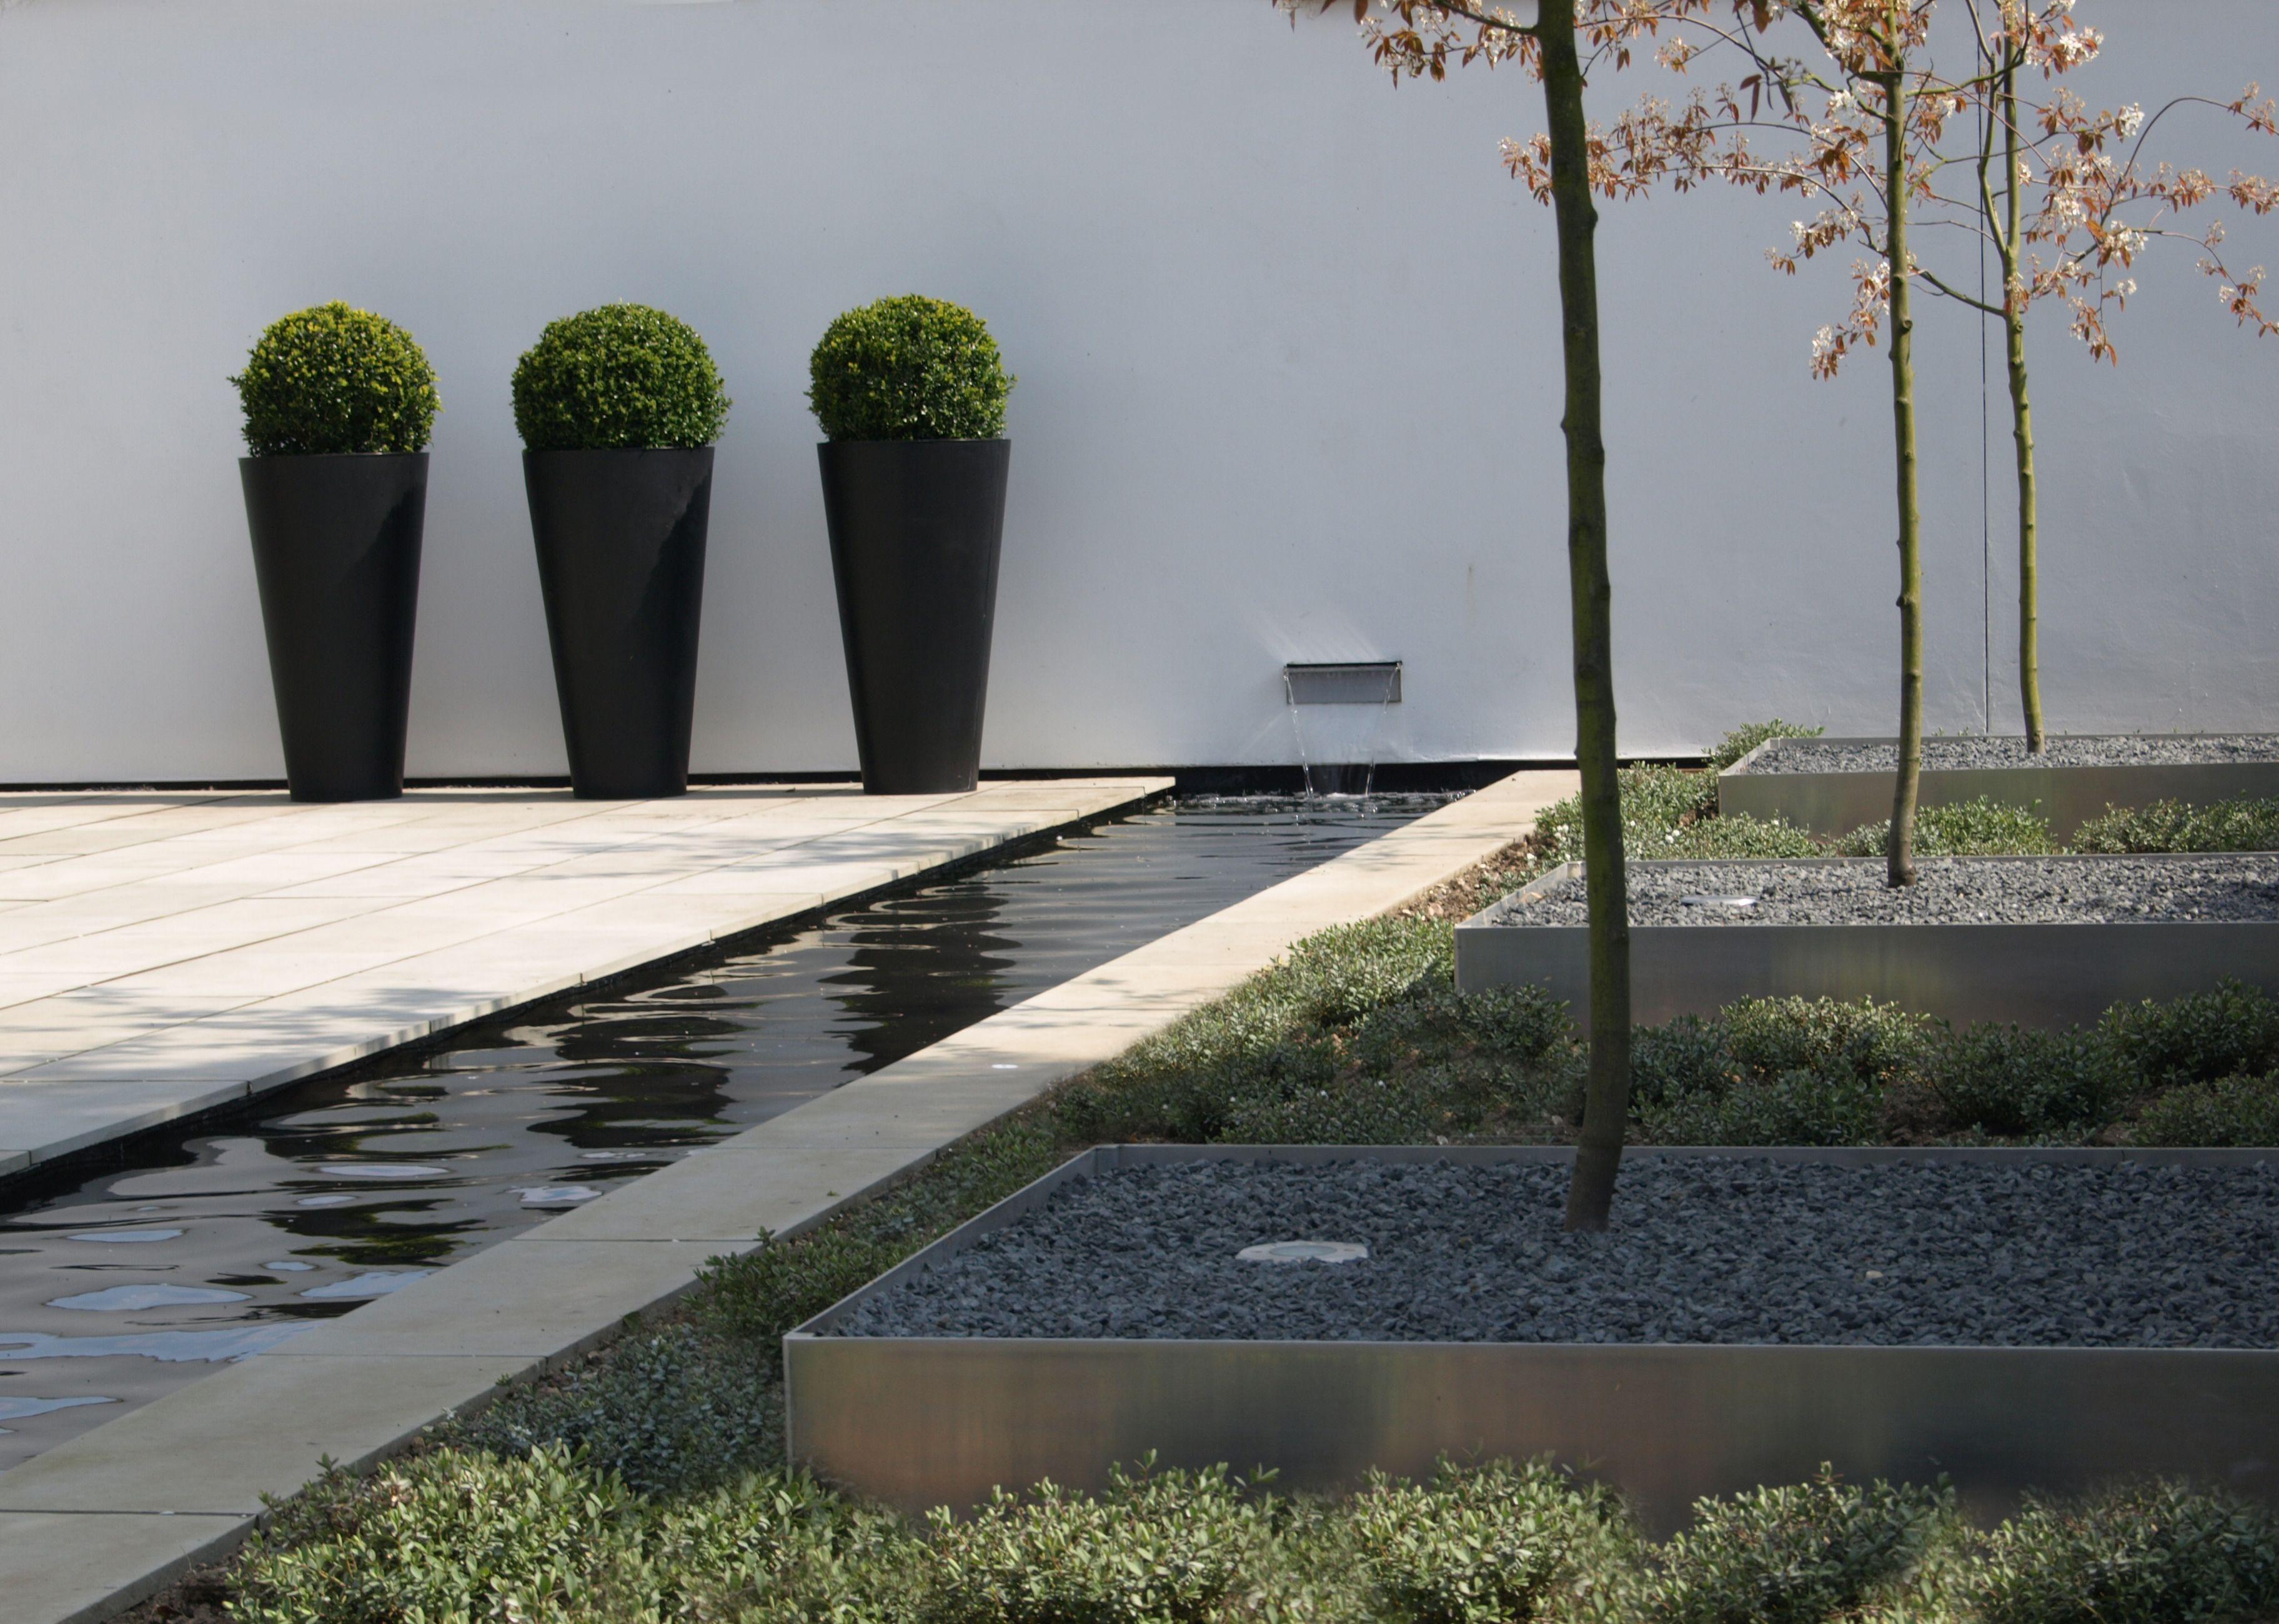 Ландшафтный дизайн небольшого участка перед домом: интересные решения, как все разместить на маленьком садовом участке  - 21 фото